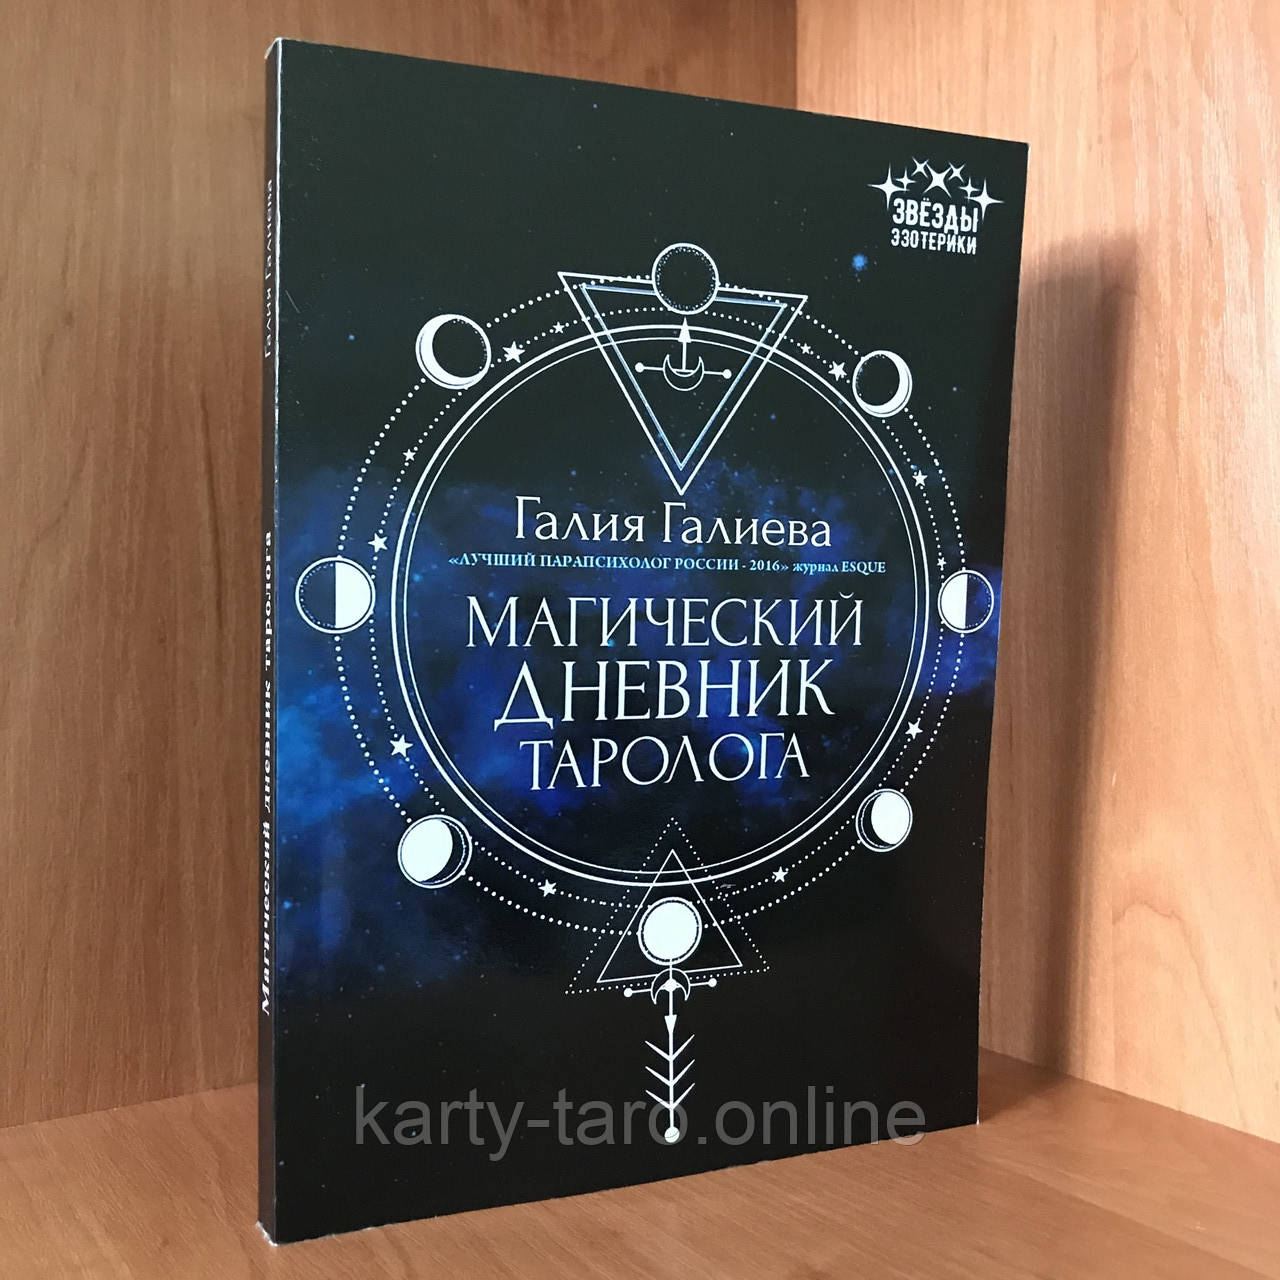 Книга Магічний щоденник таролога - Галія Галієва